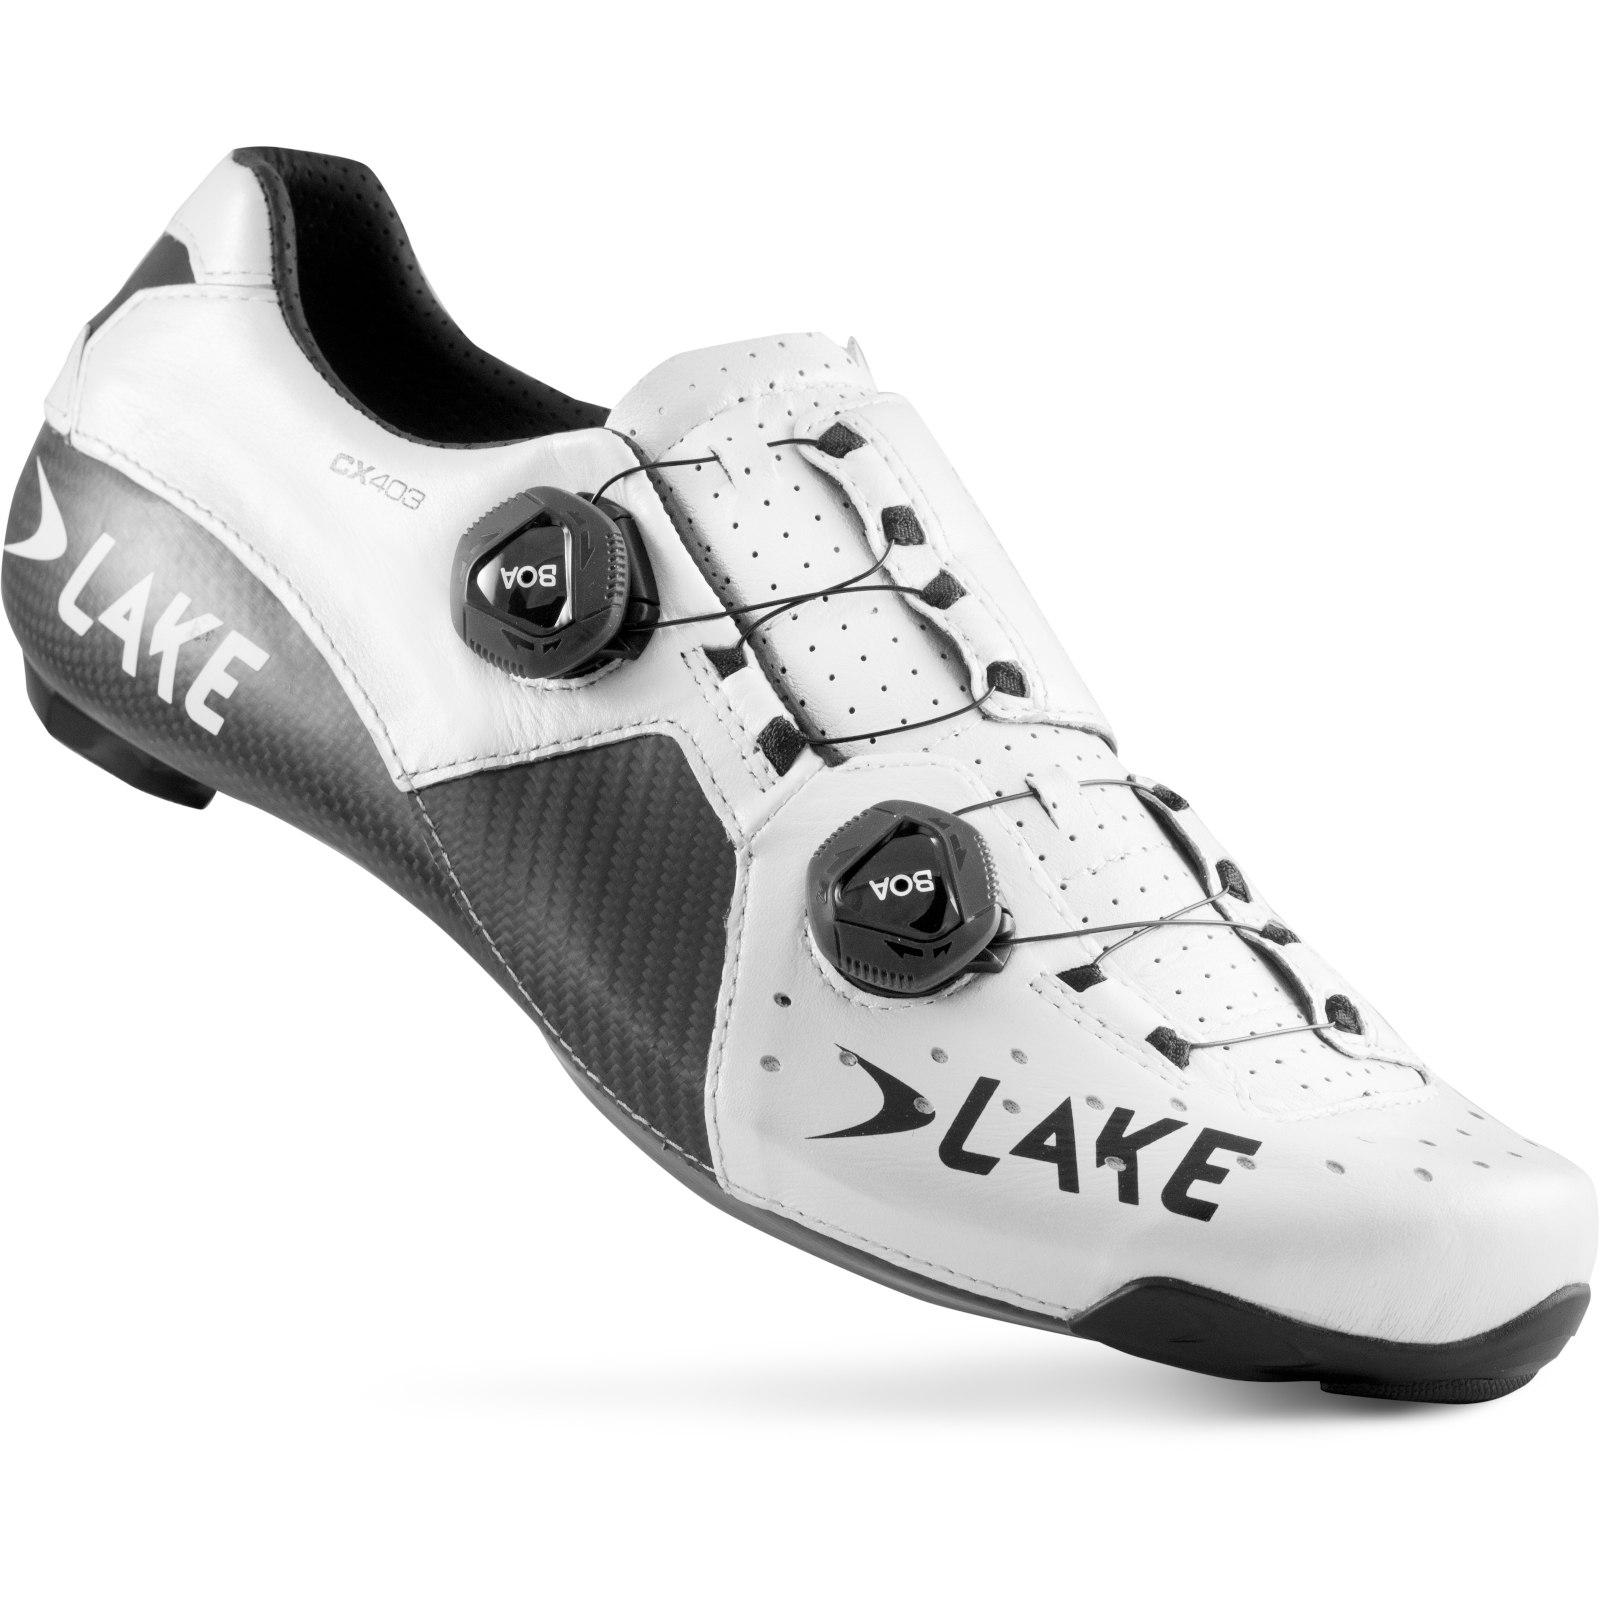 Lake CX403 W Damen-Rennradschuh - weiß/schwarz